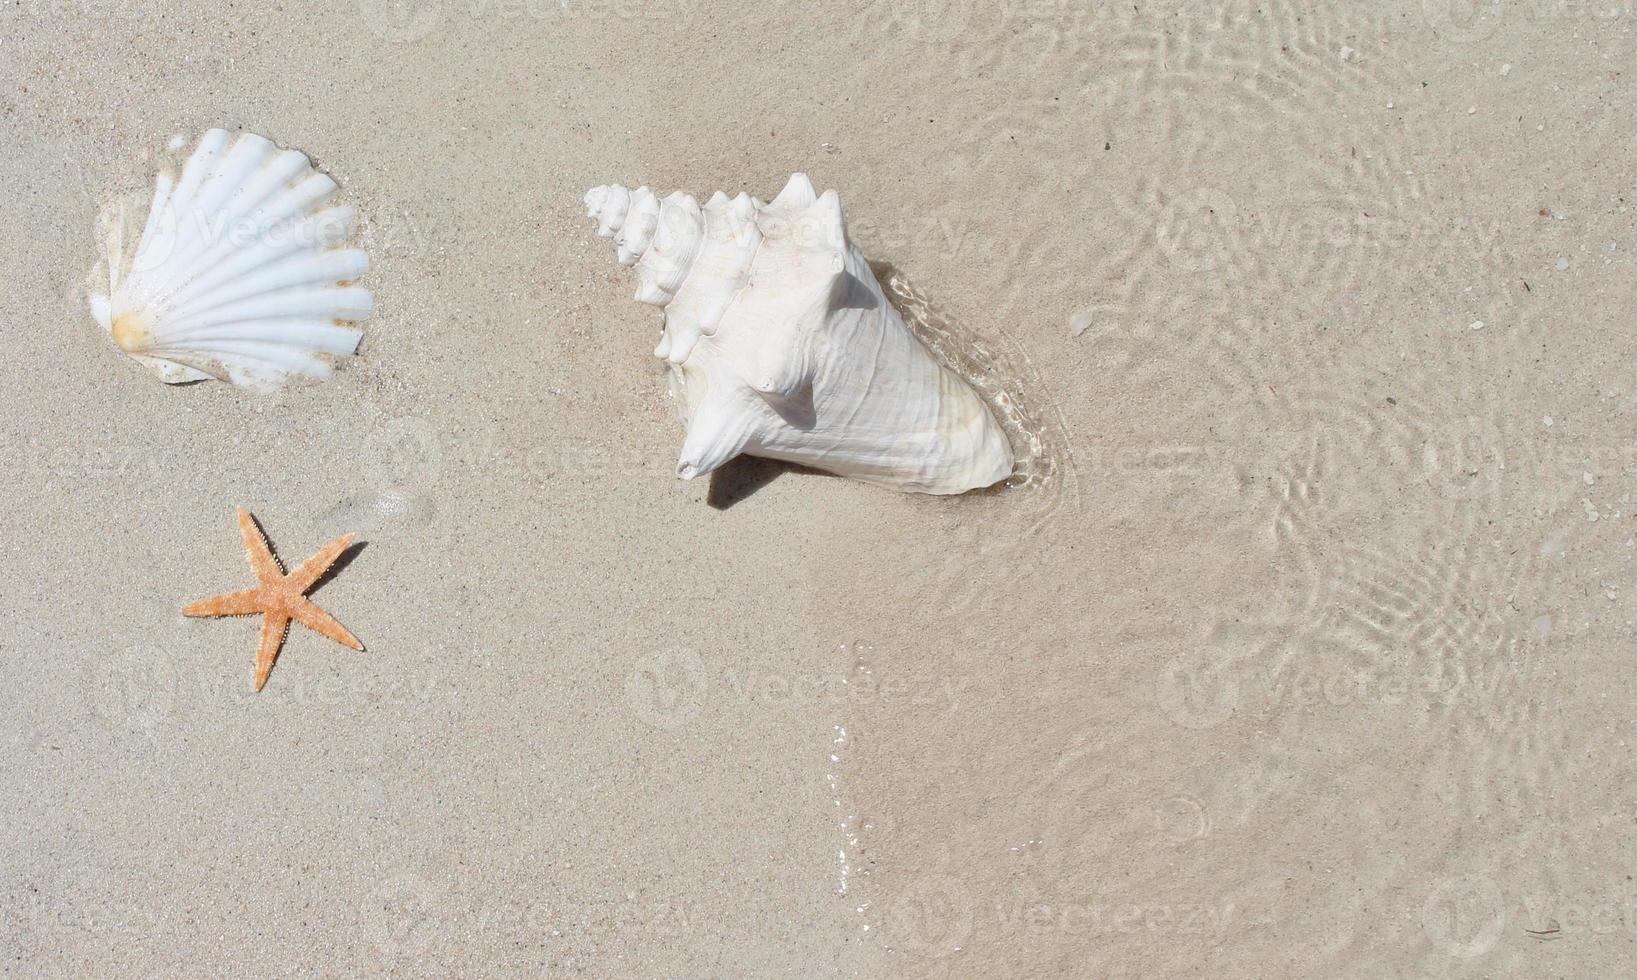 Muschel Muschel auf Sand. Speicherplatz kopieren foto